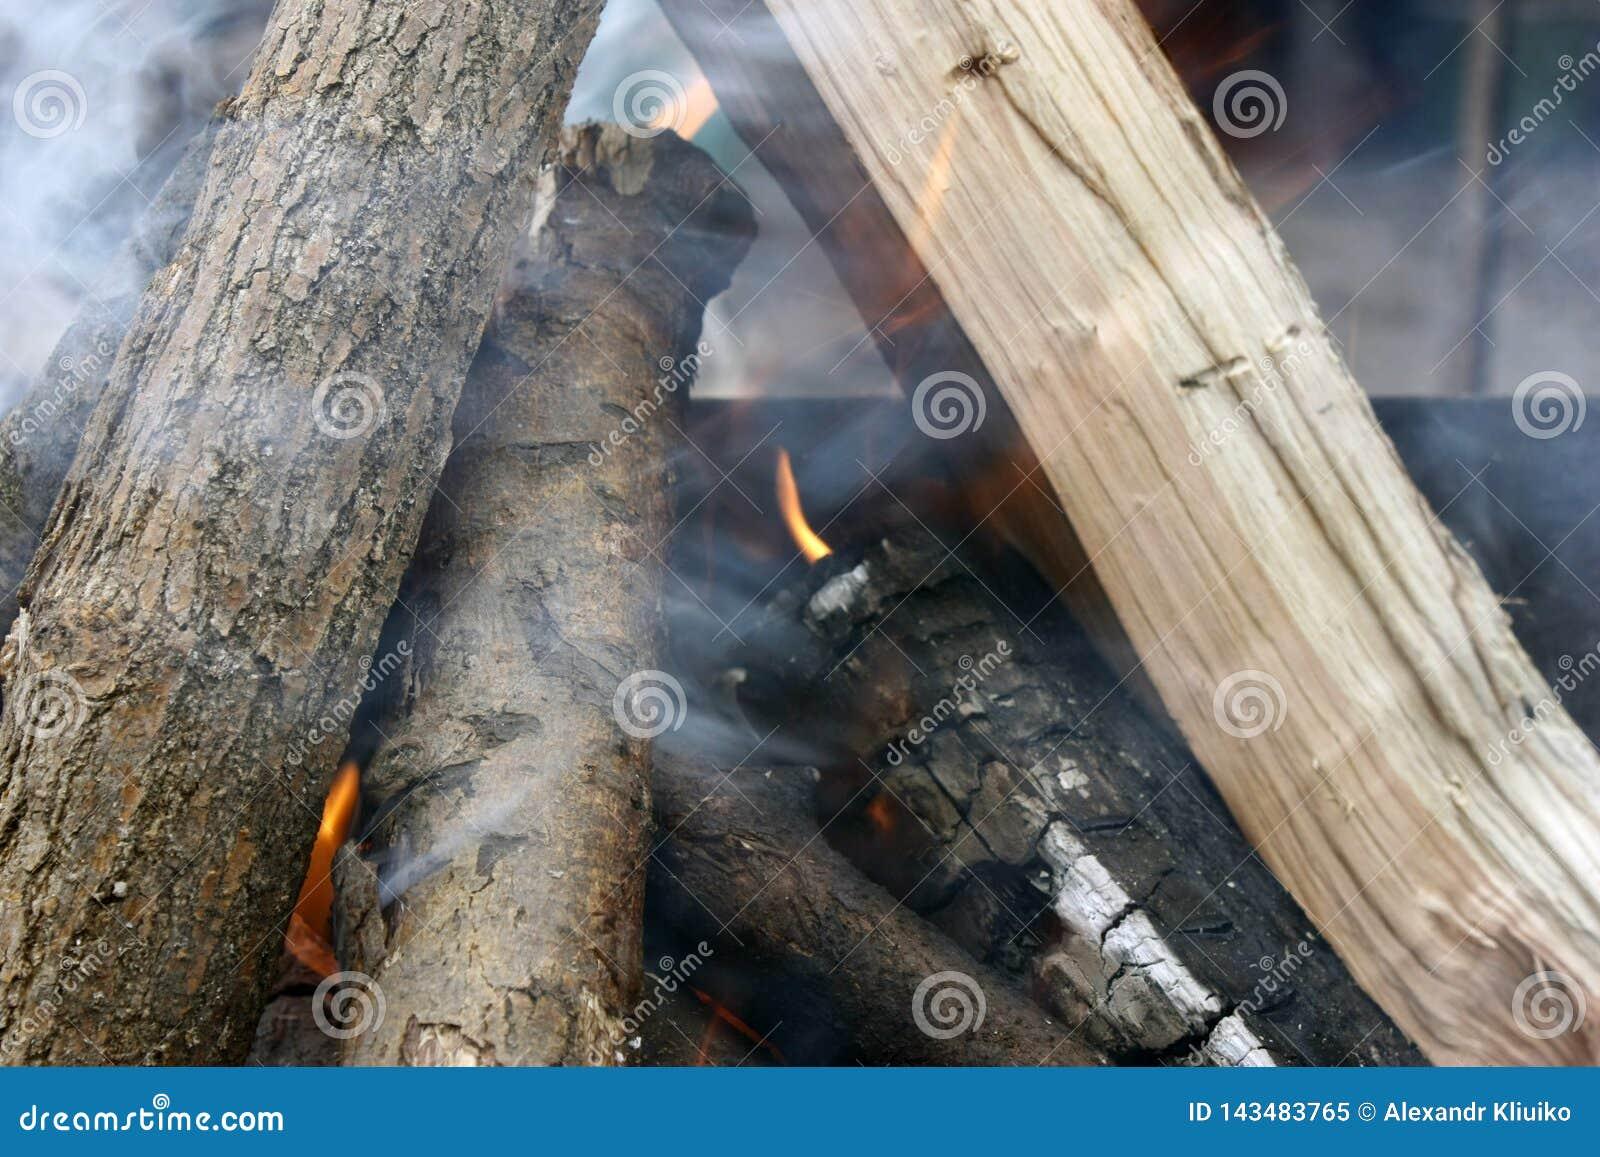 Fuego Primer de la pila de quema de madera con las llamas en la chimenea